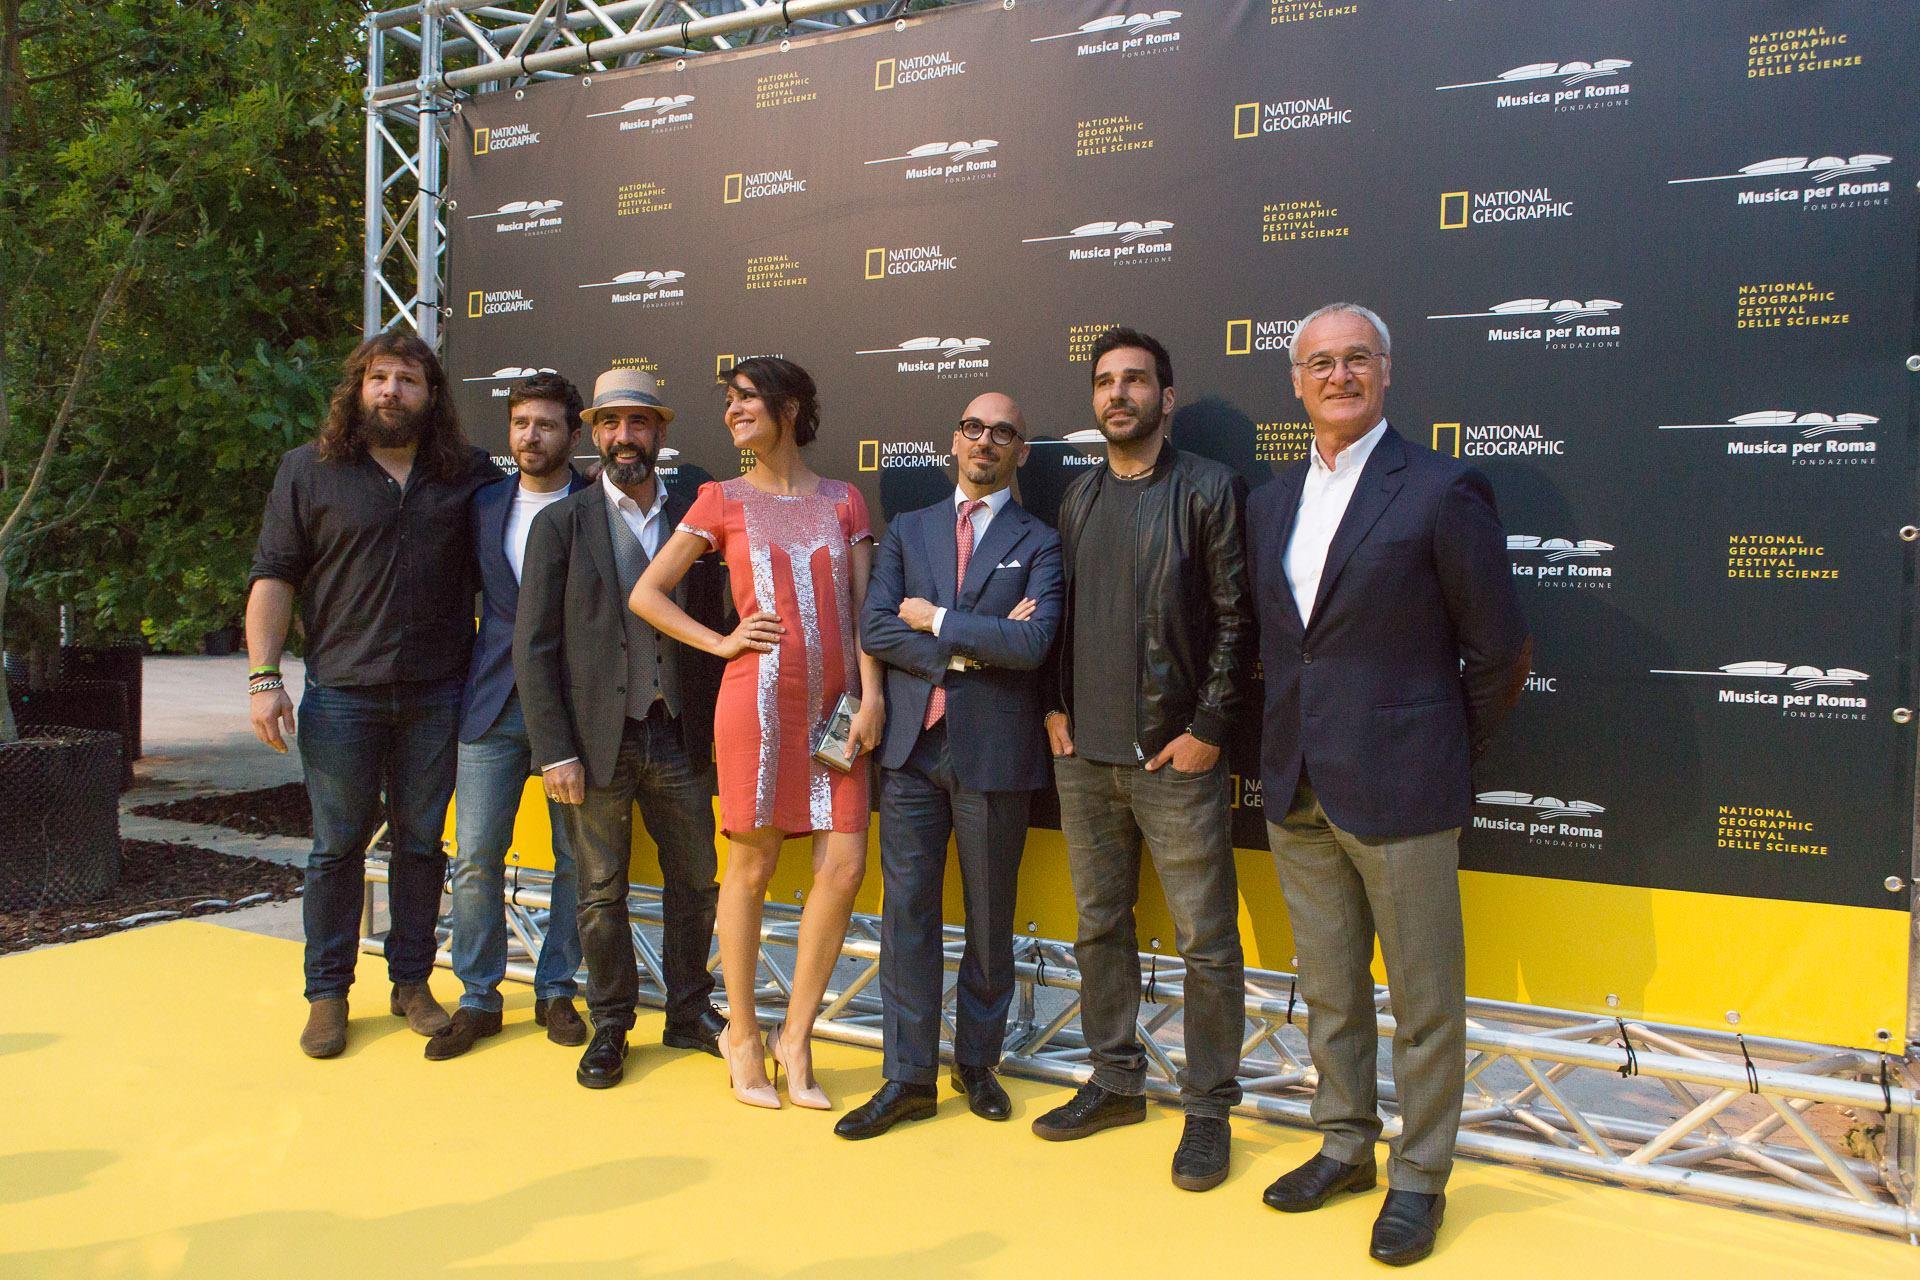 Folla di vip per la prima italiana di Genius: Einstein 7 Folla di vip per la prima italiana di Genius: Einstein